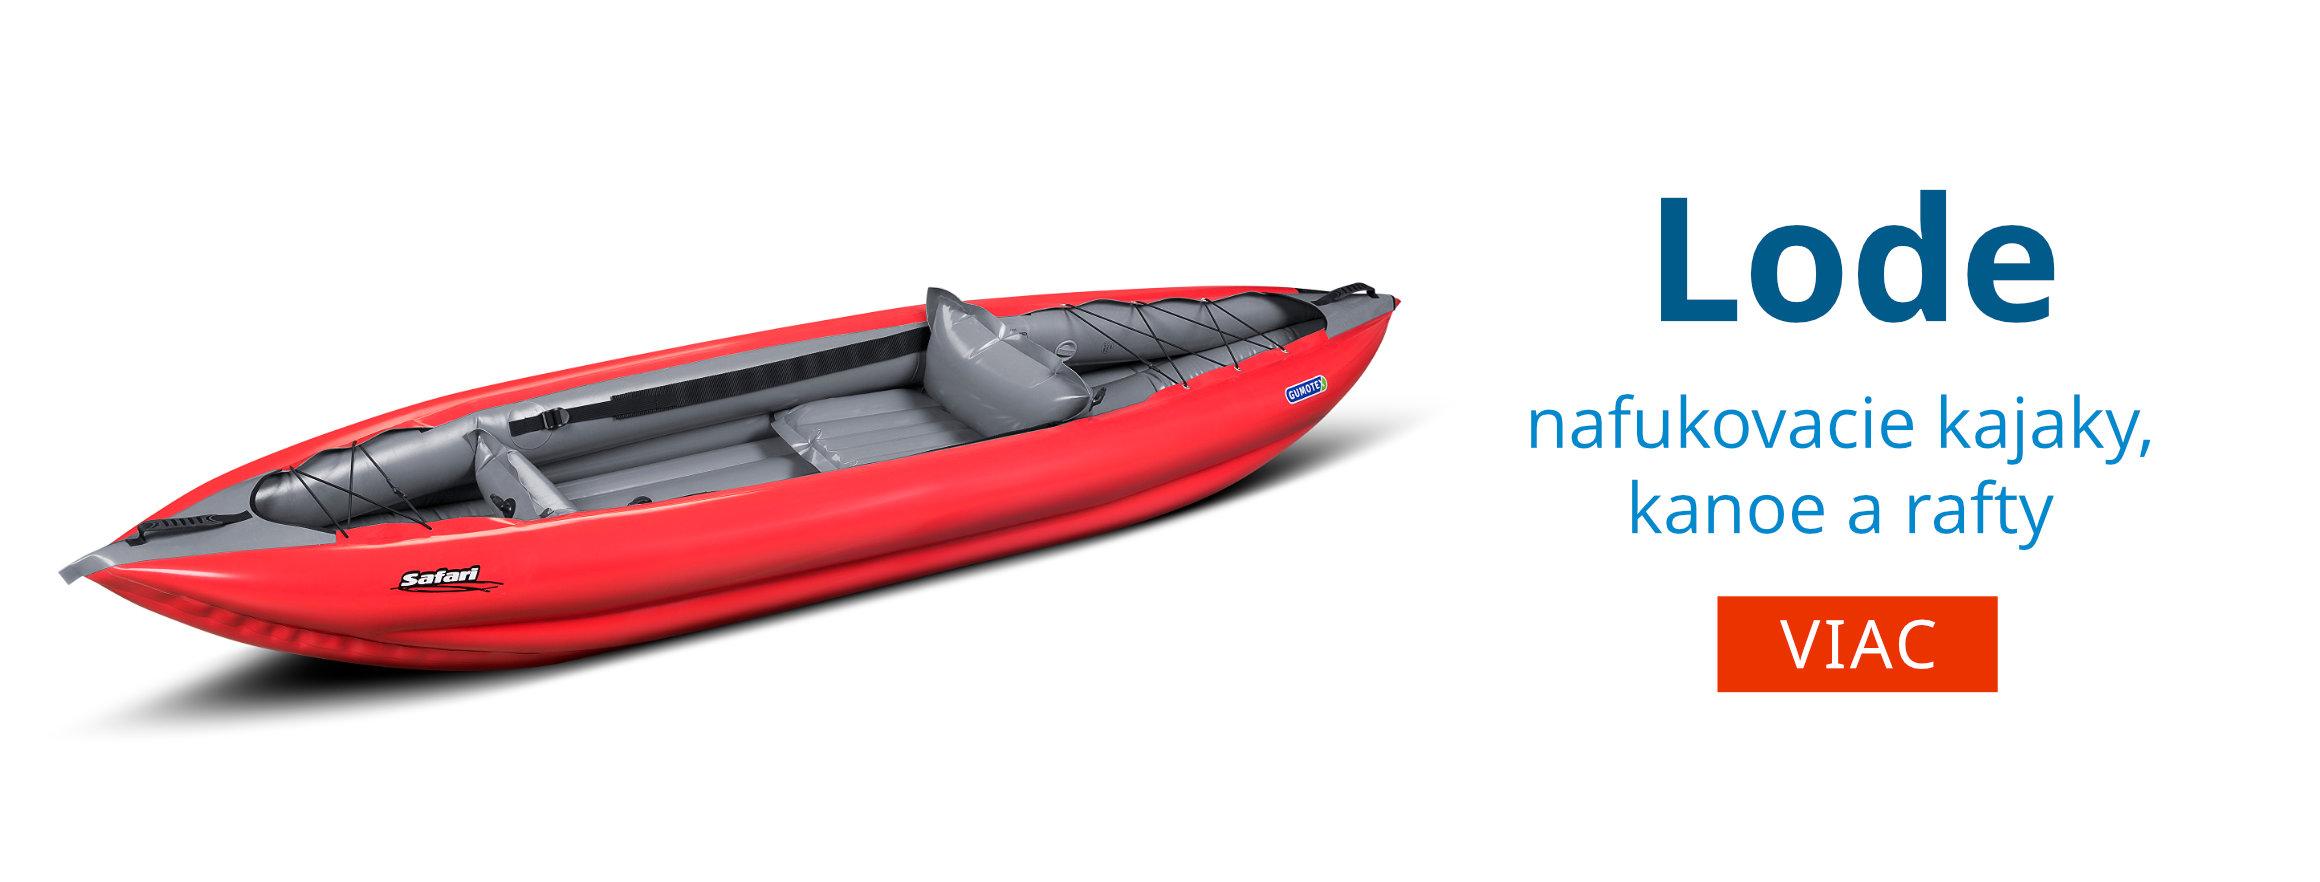 Nafukovacie kanoe, rafty a kajaky